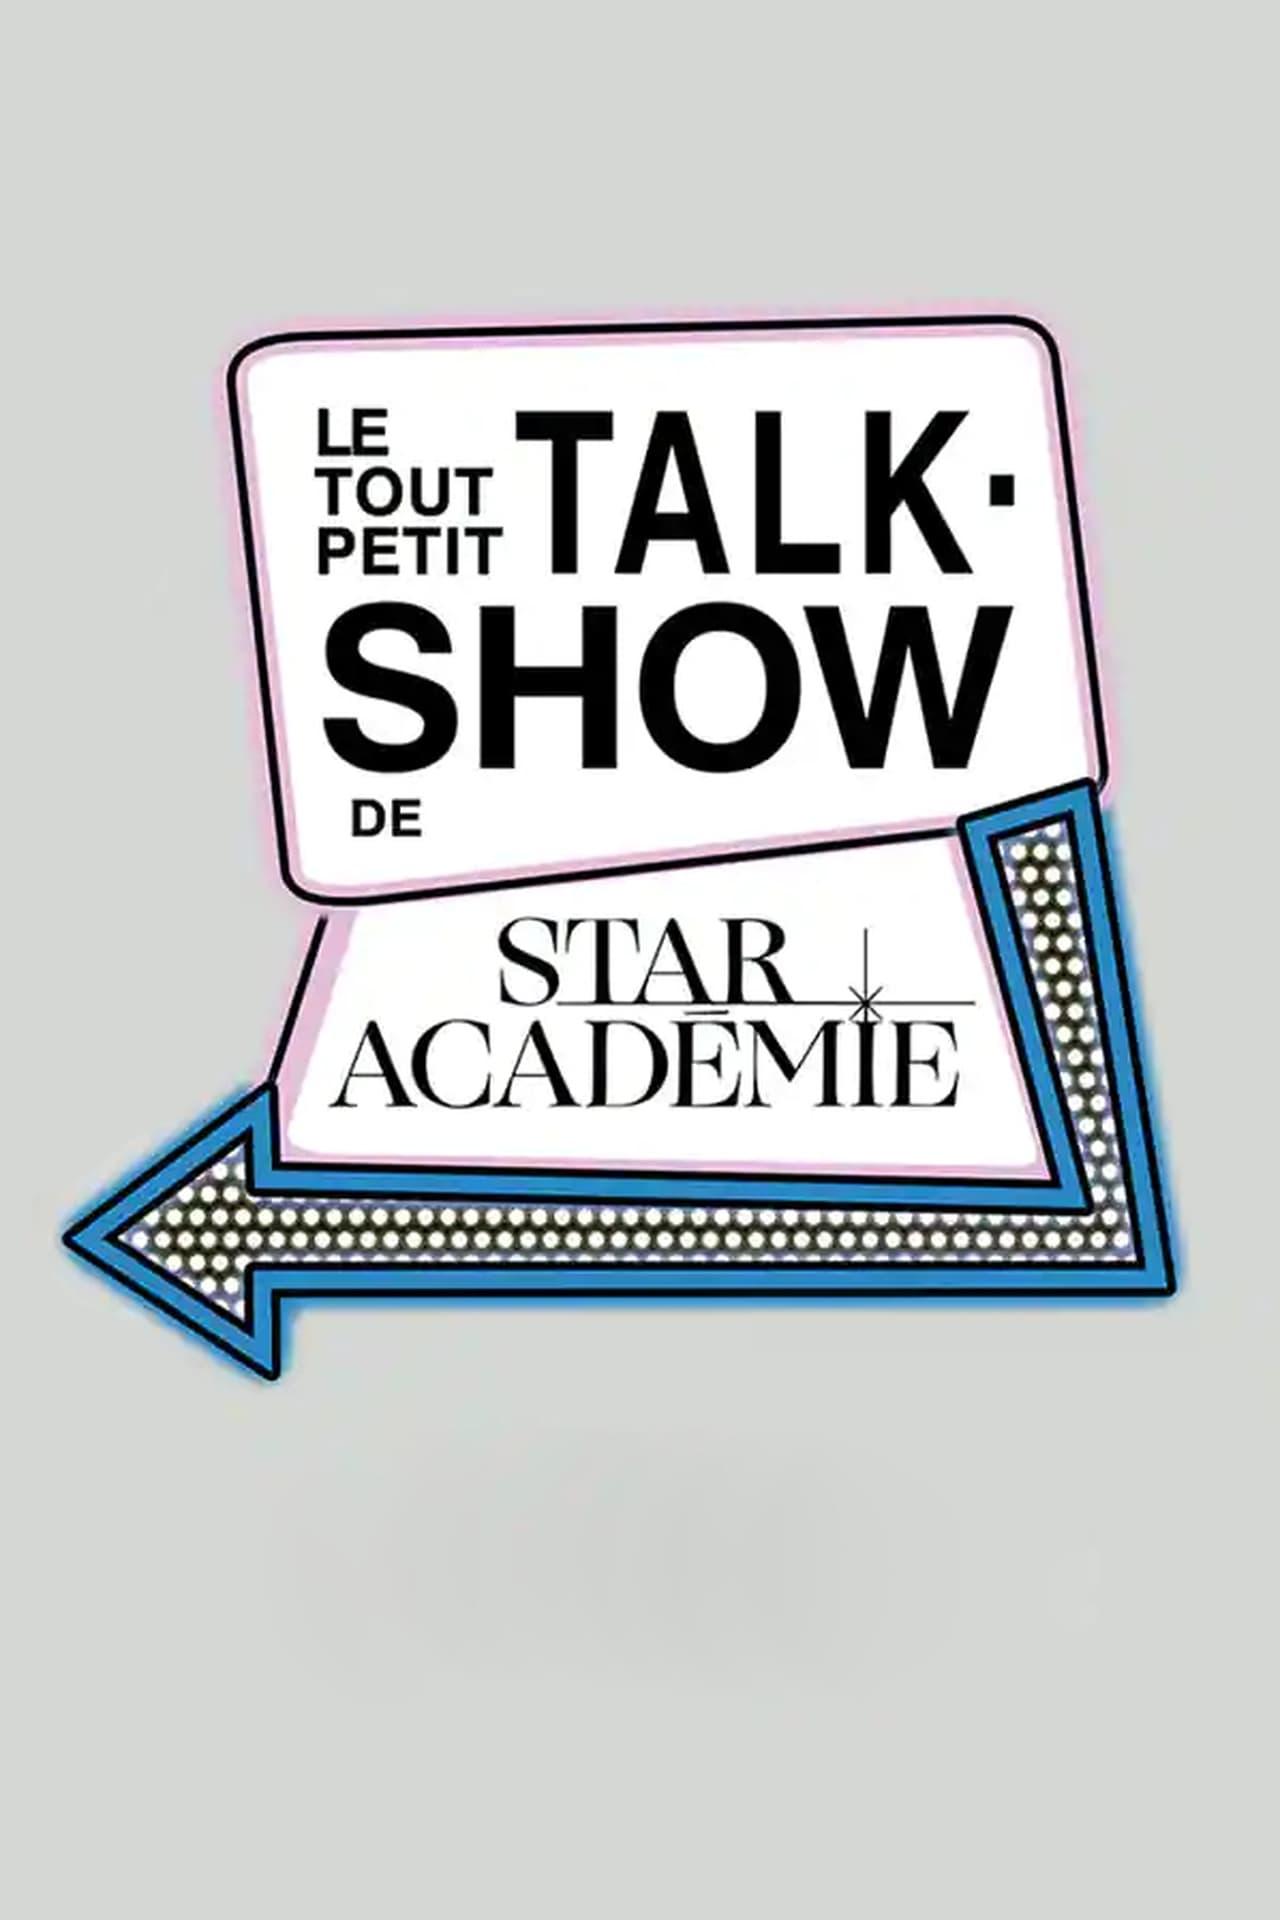 Le tout petit-talk show de Star Académie